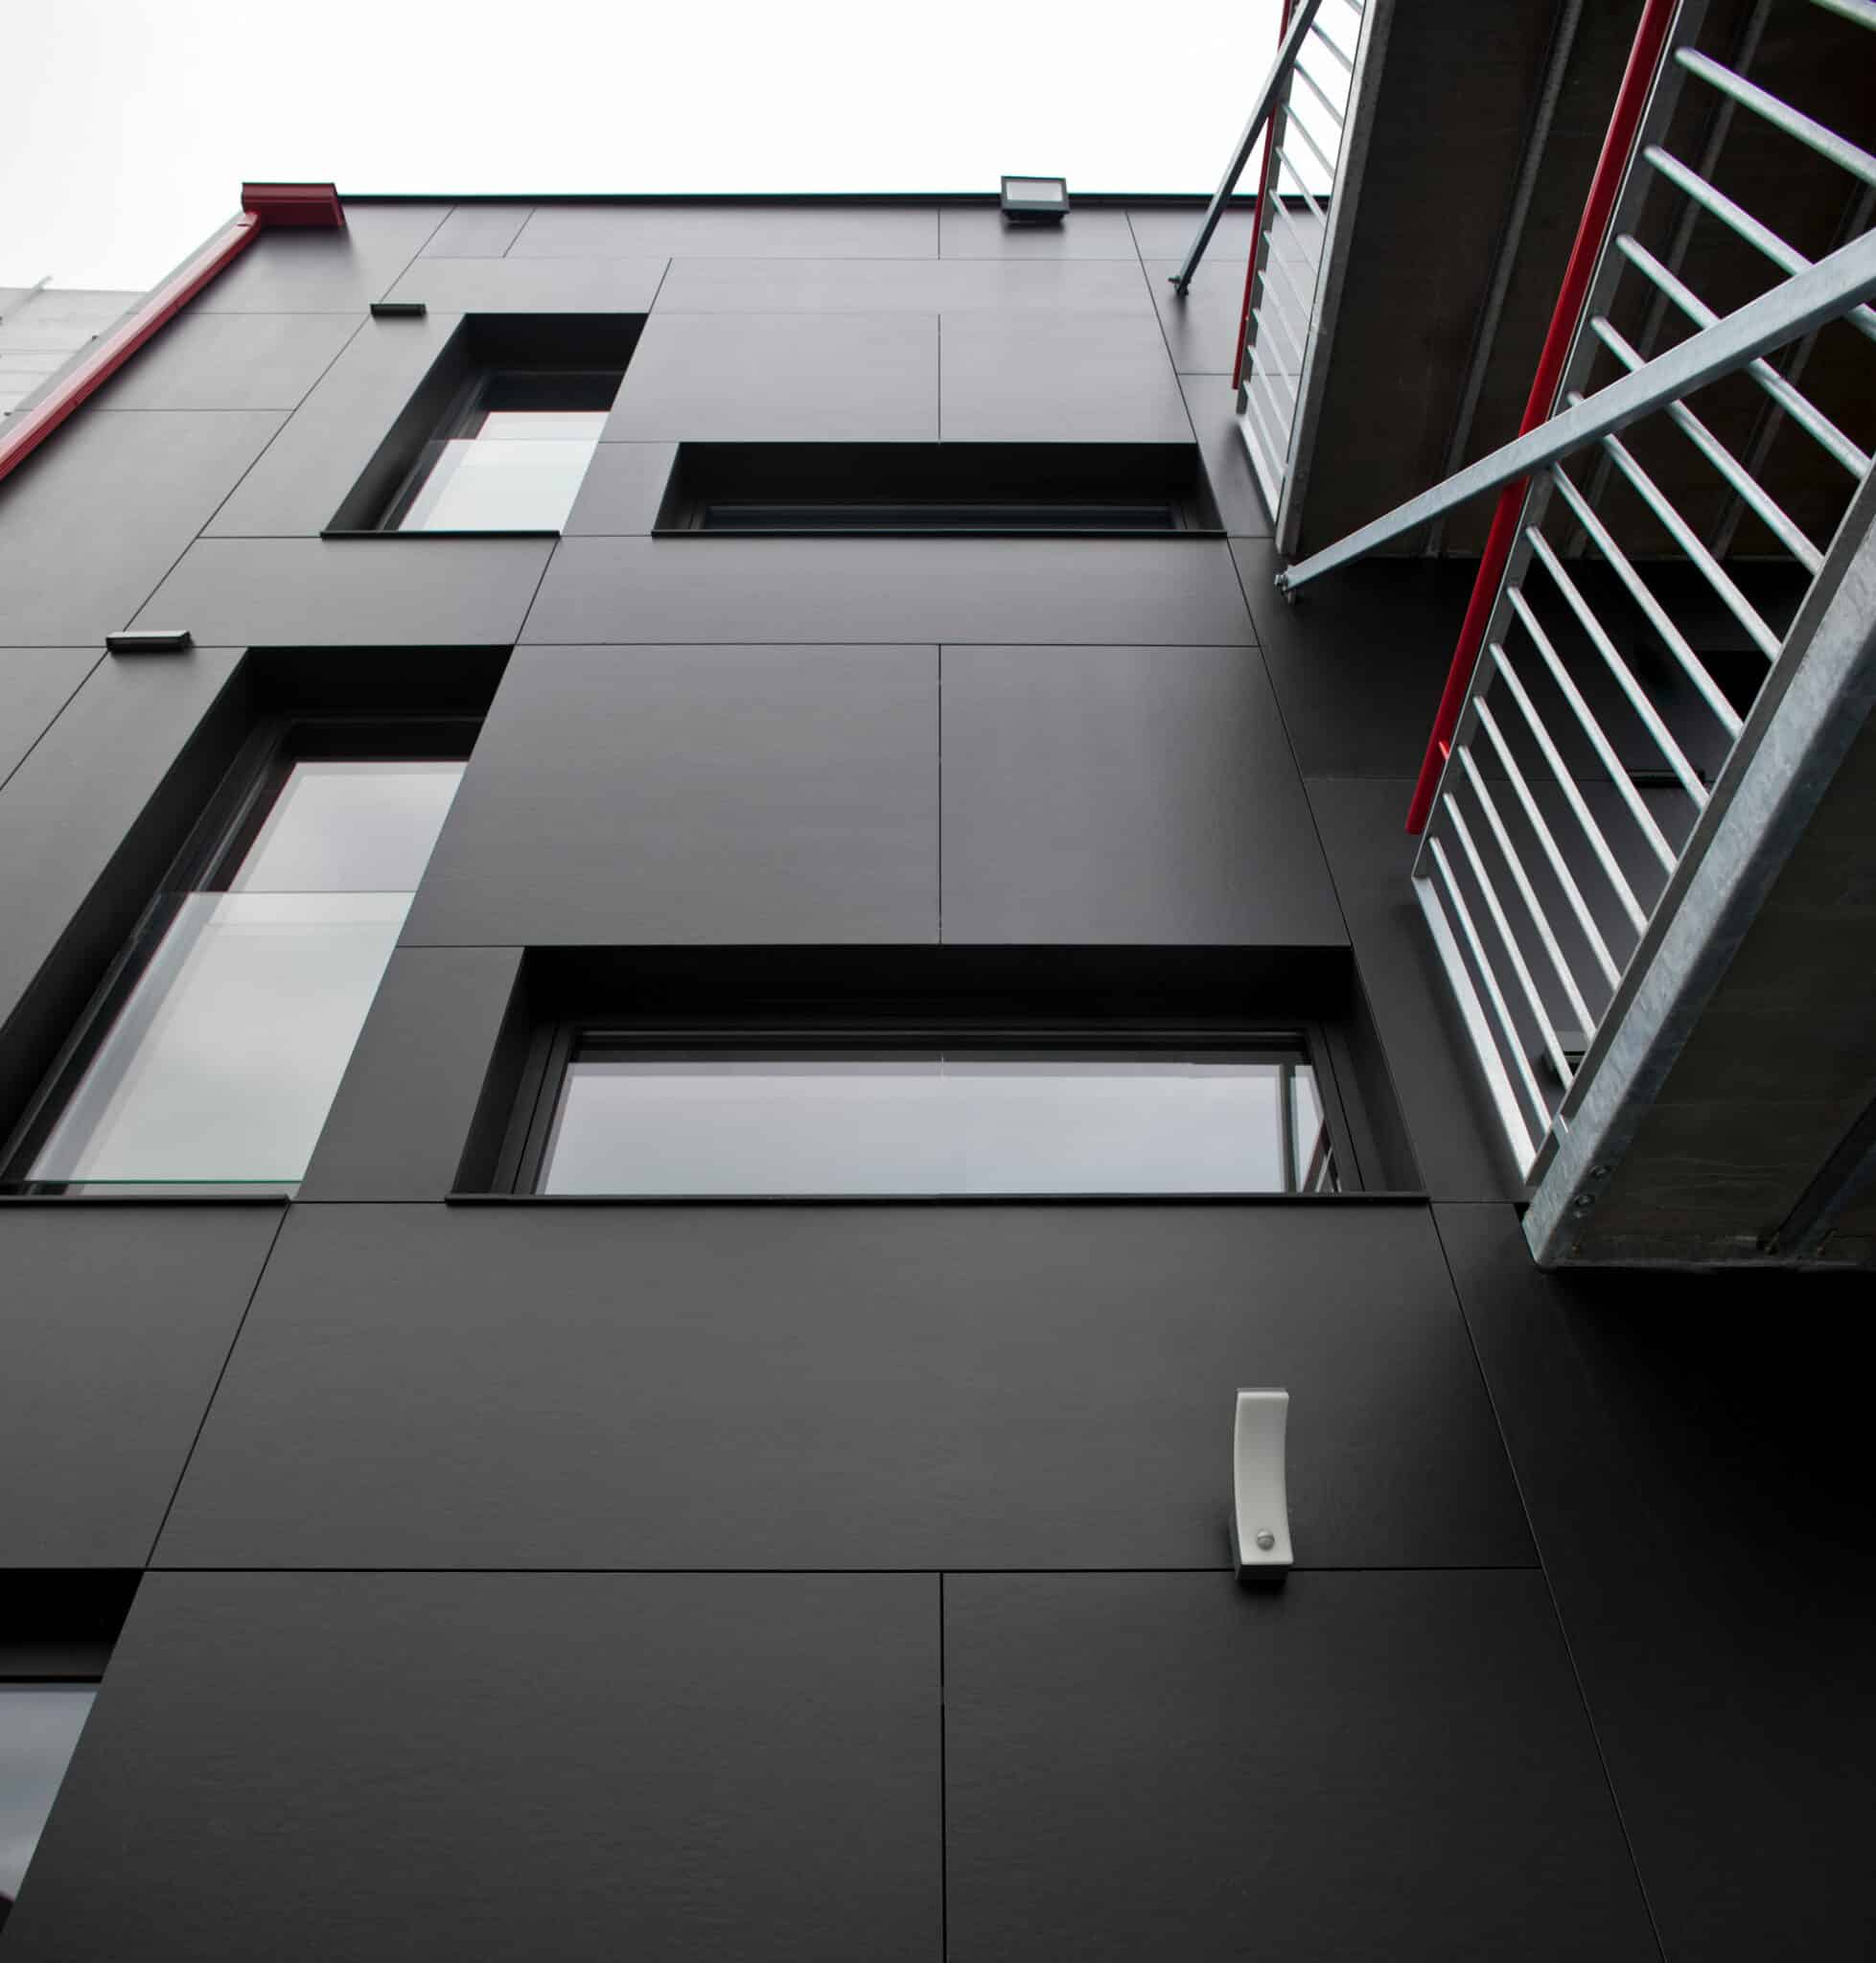 Arteixo Residential  - Arteixo Dekton facade 10 51